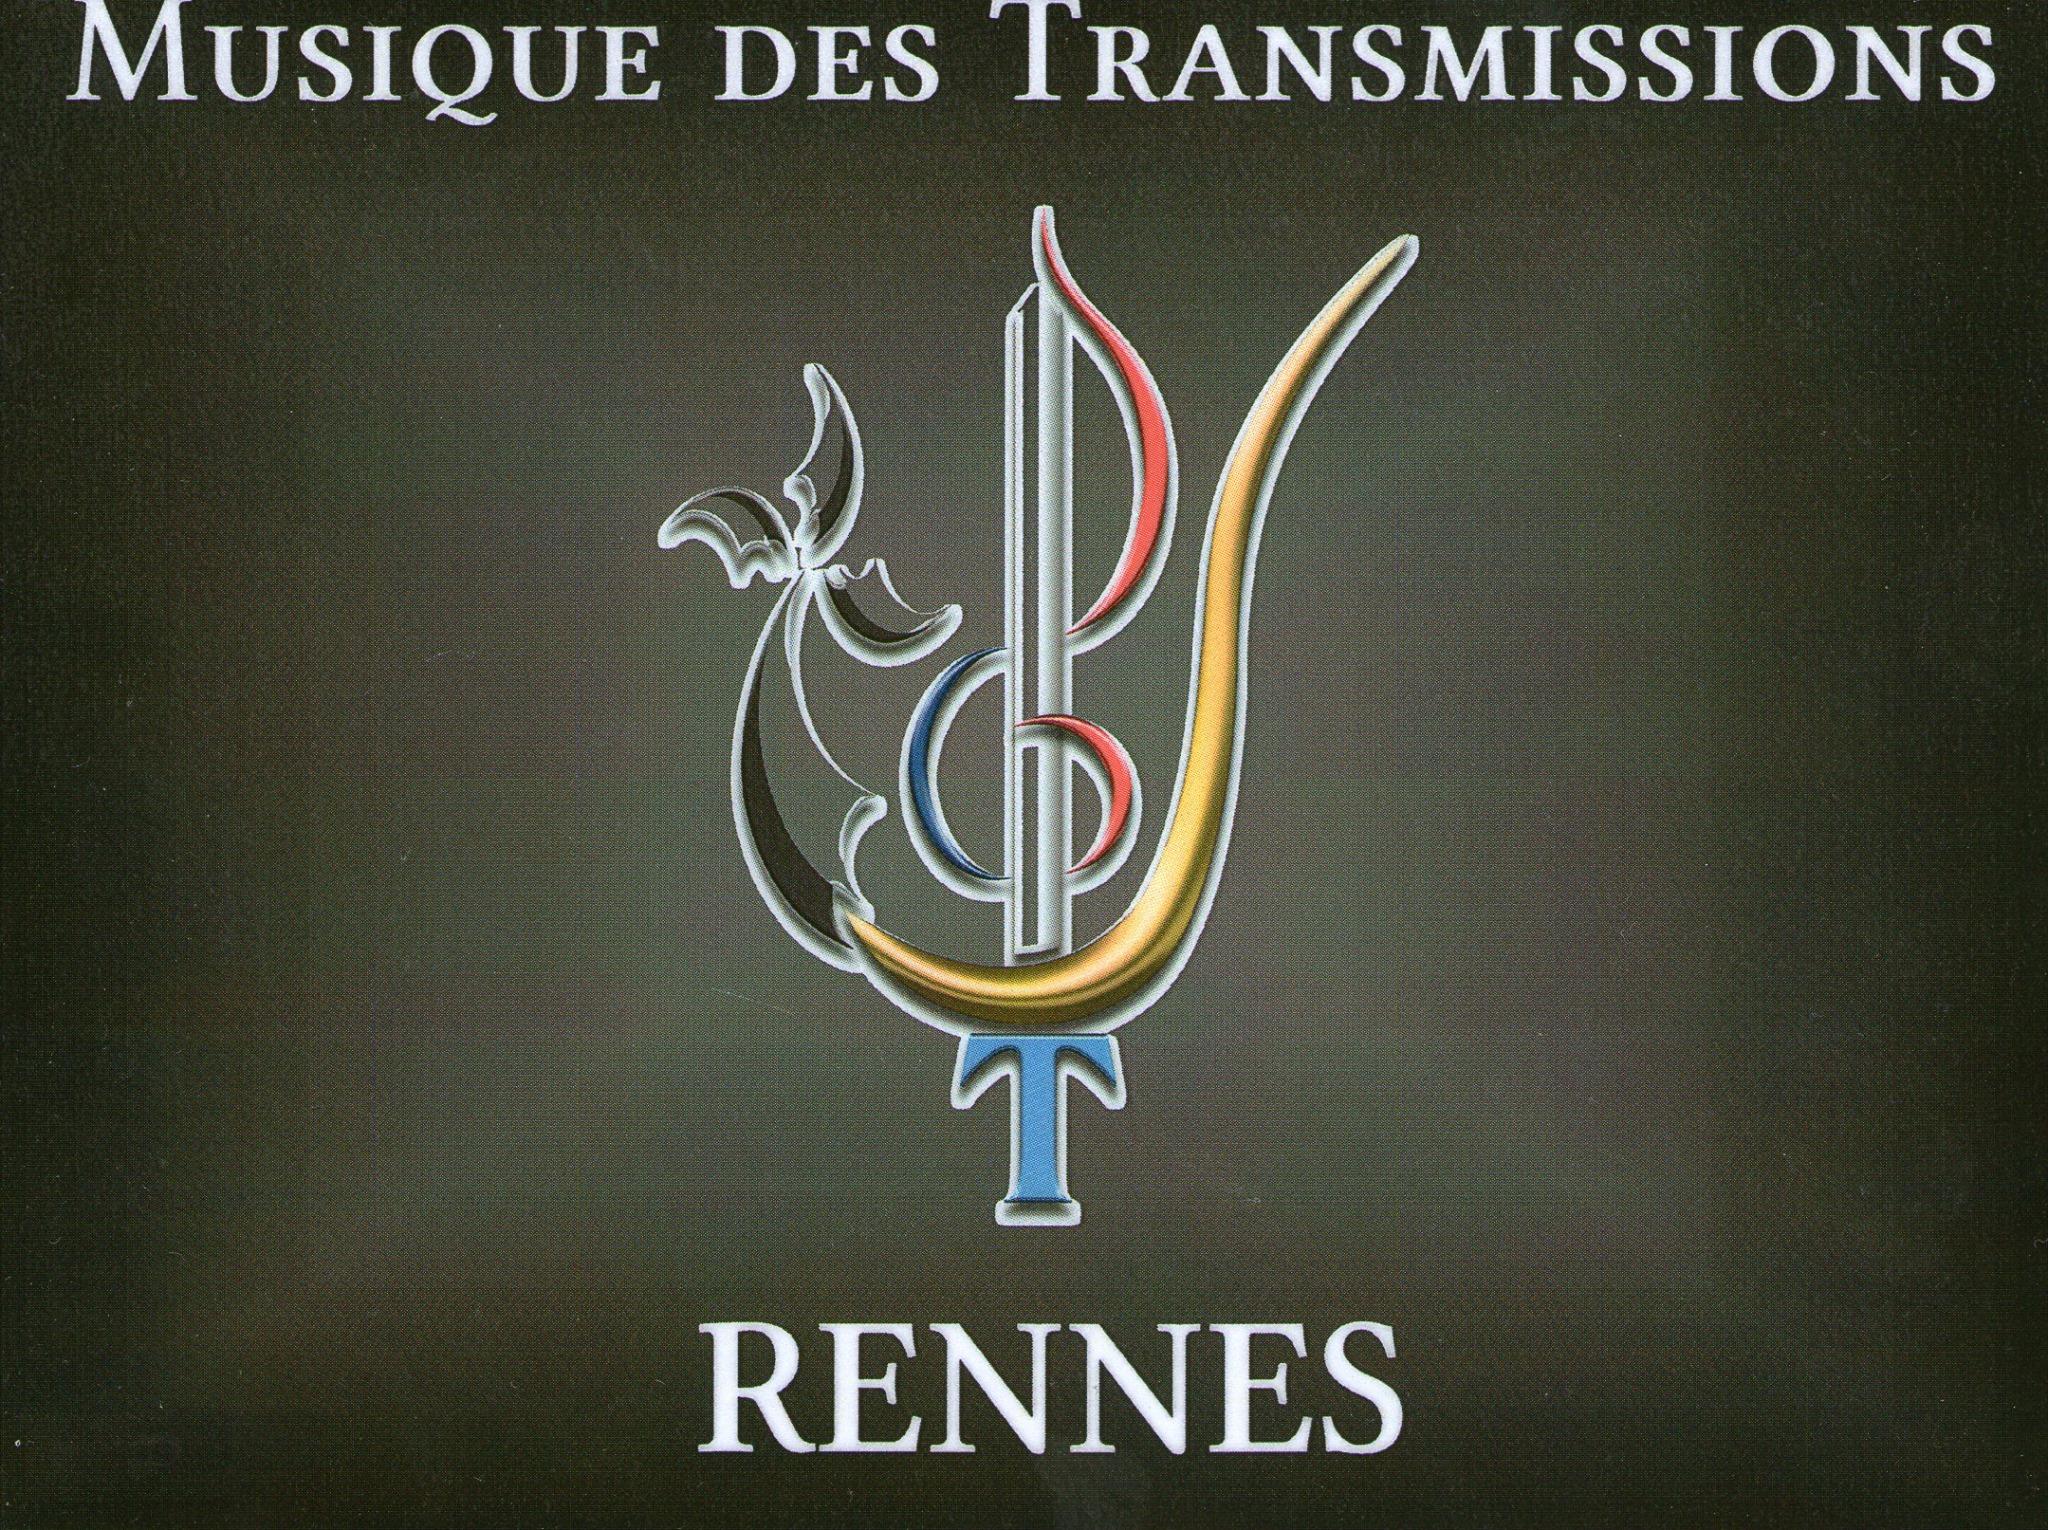 Musique Aubade Rennes Transmissions Fanfare De Musique Des wXqAxSnI